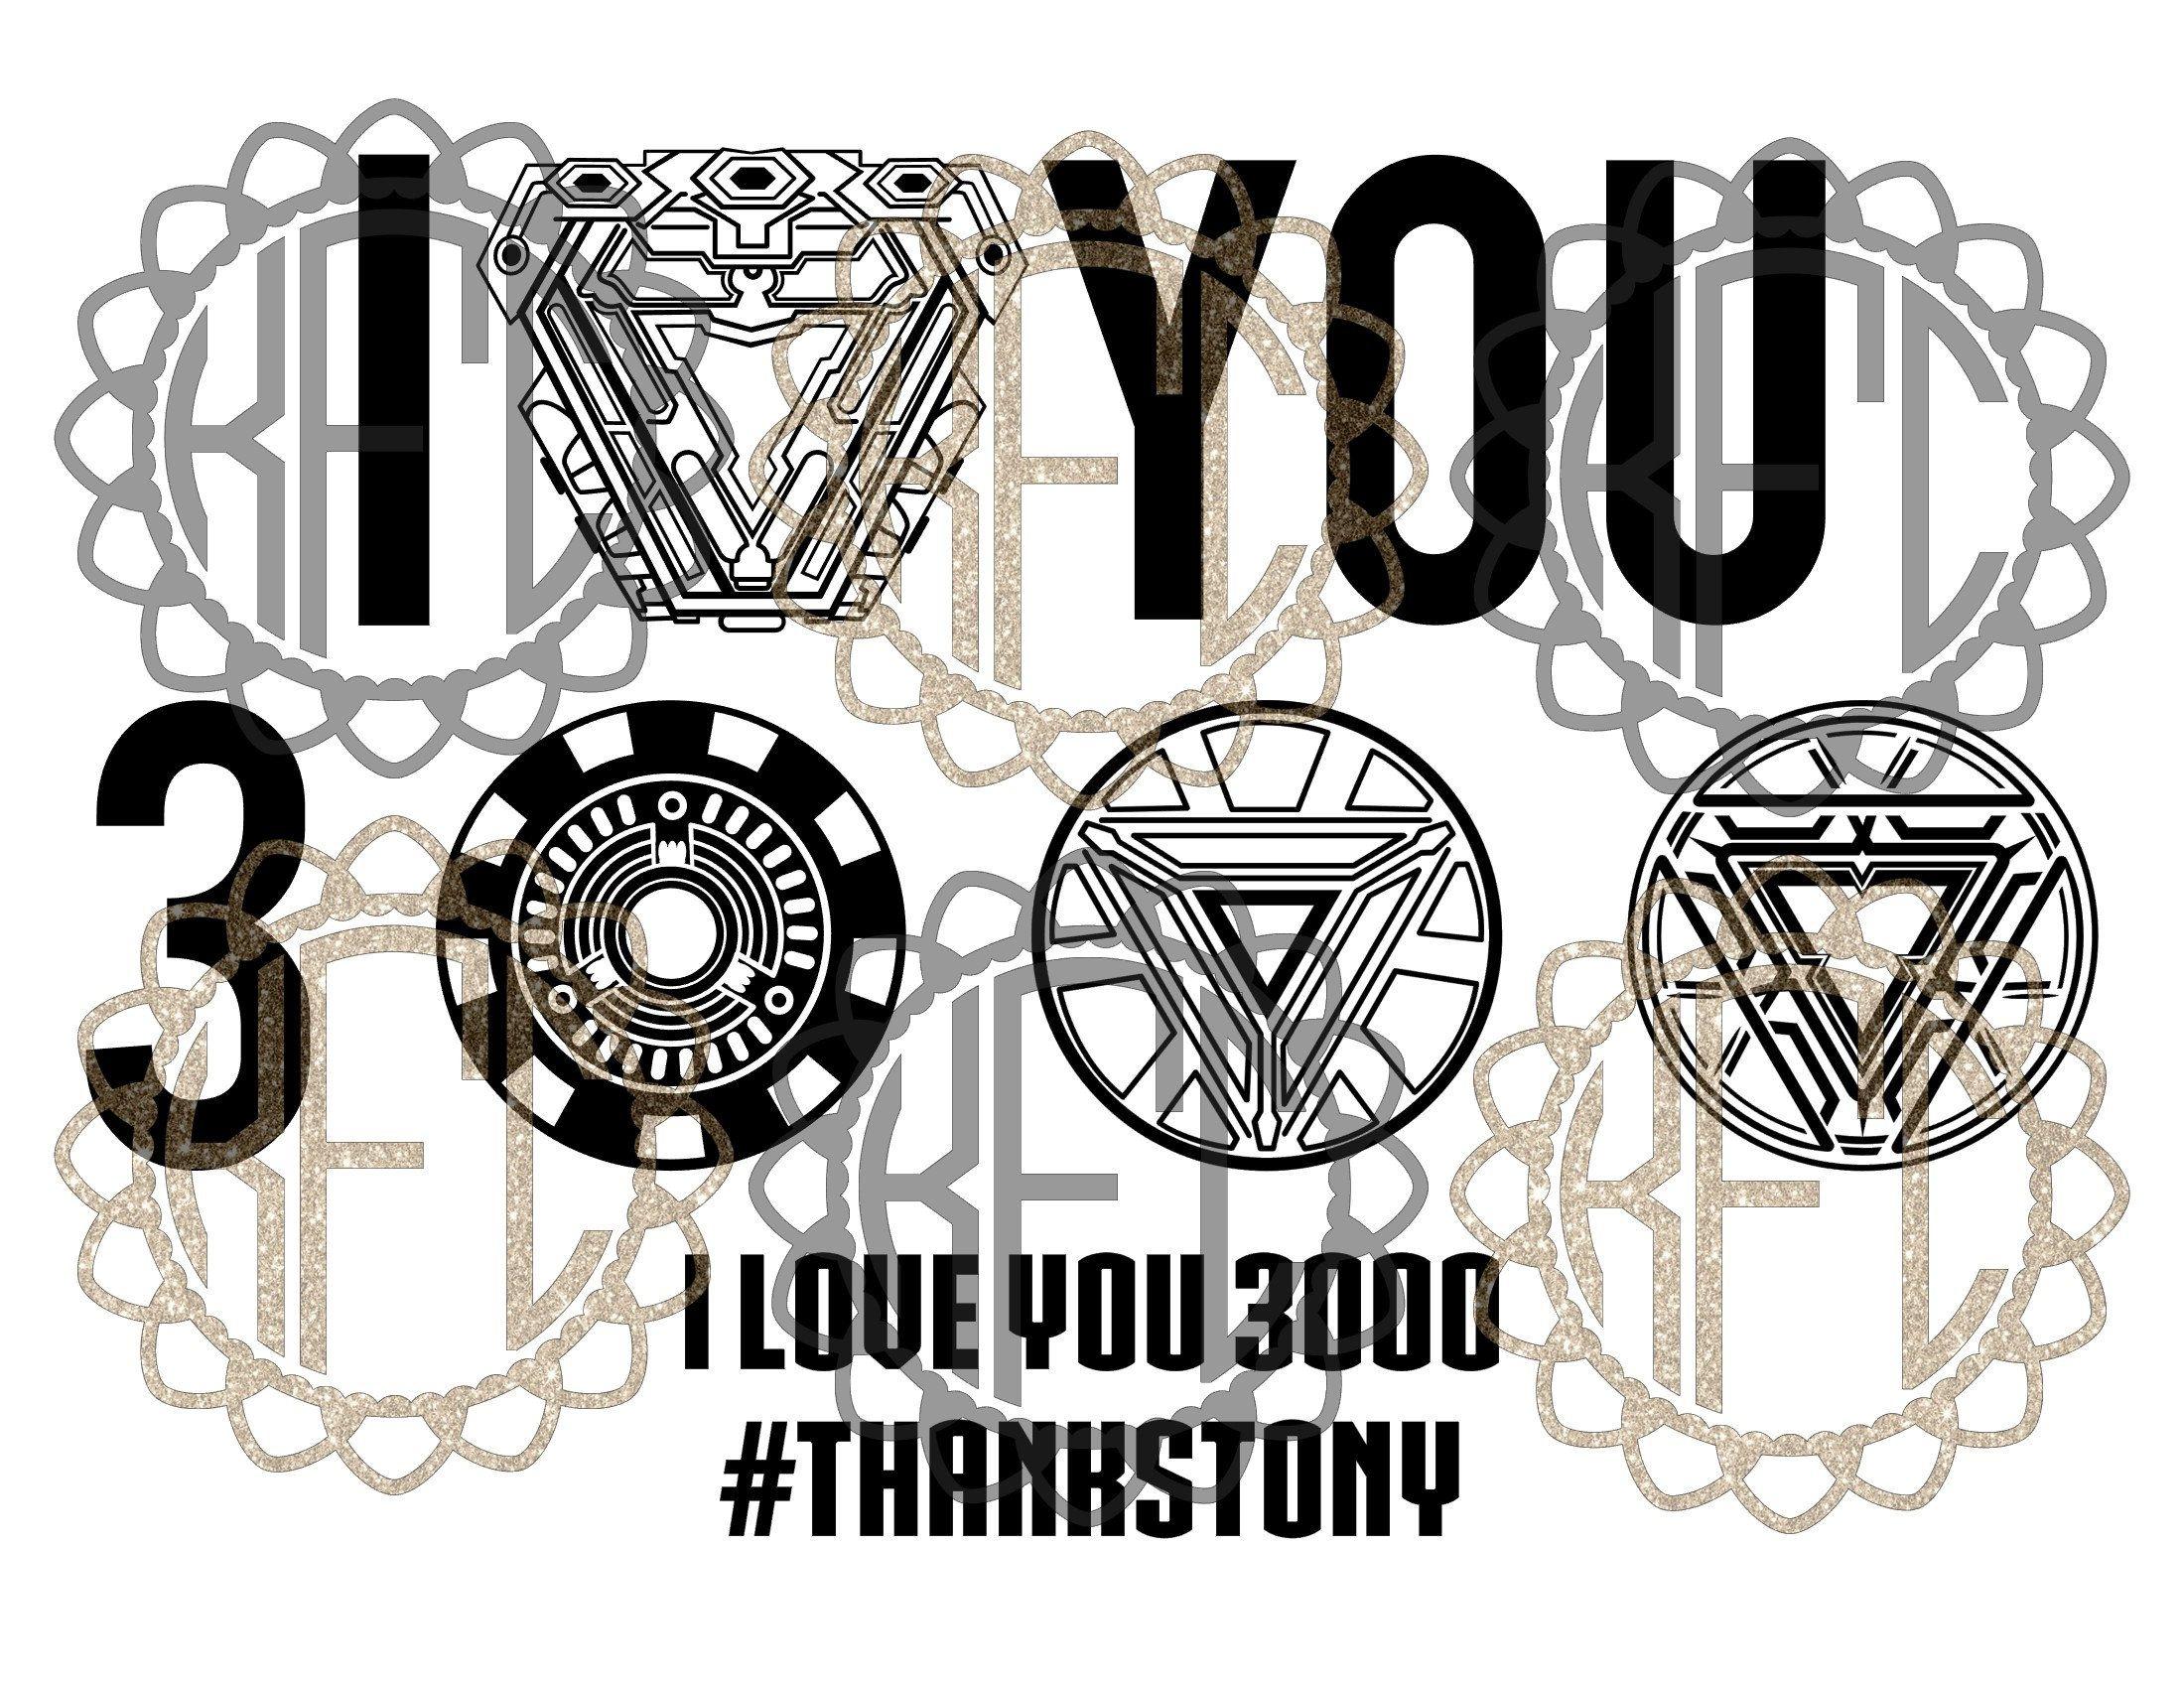 Download Get I Love You 3000 Svg Free Images - Free SVG Files ...